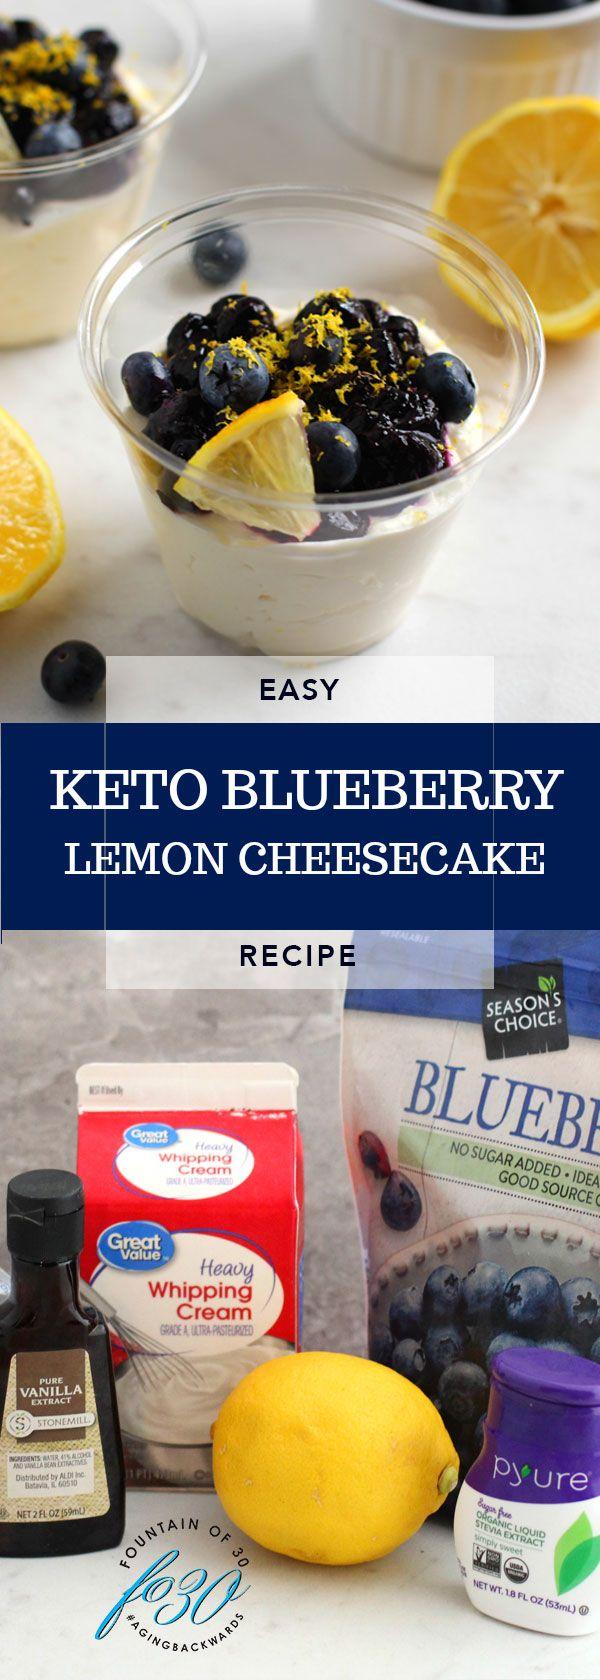 Keto Blueberry Lemon Cheesecake #lemonblueberrycheesecake